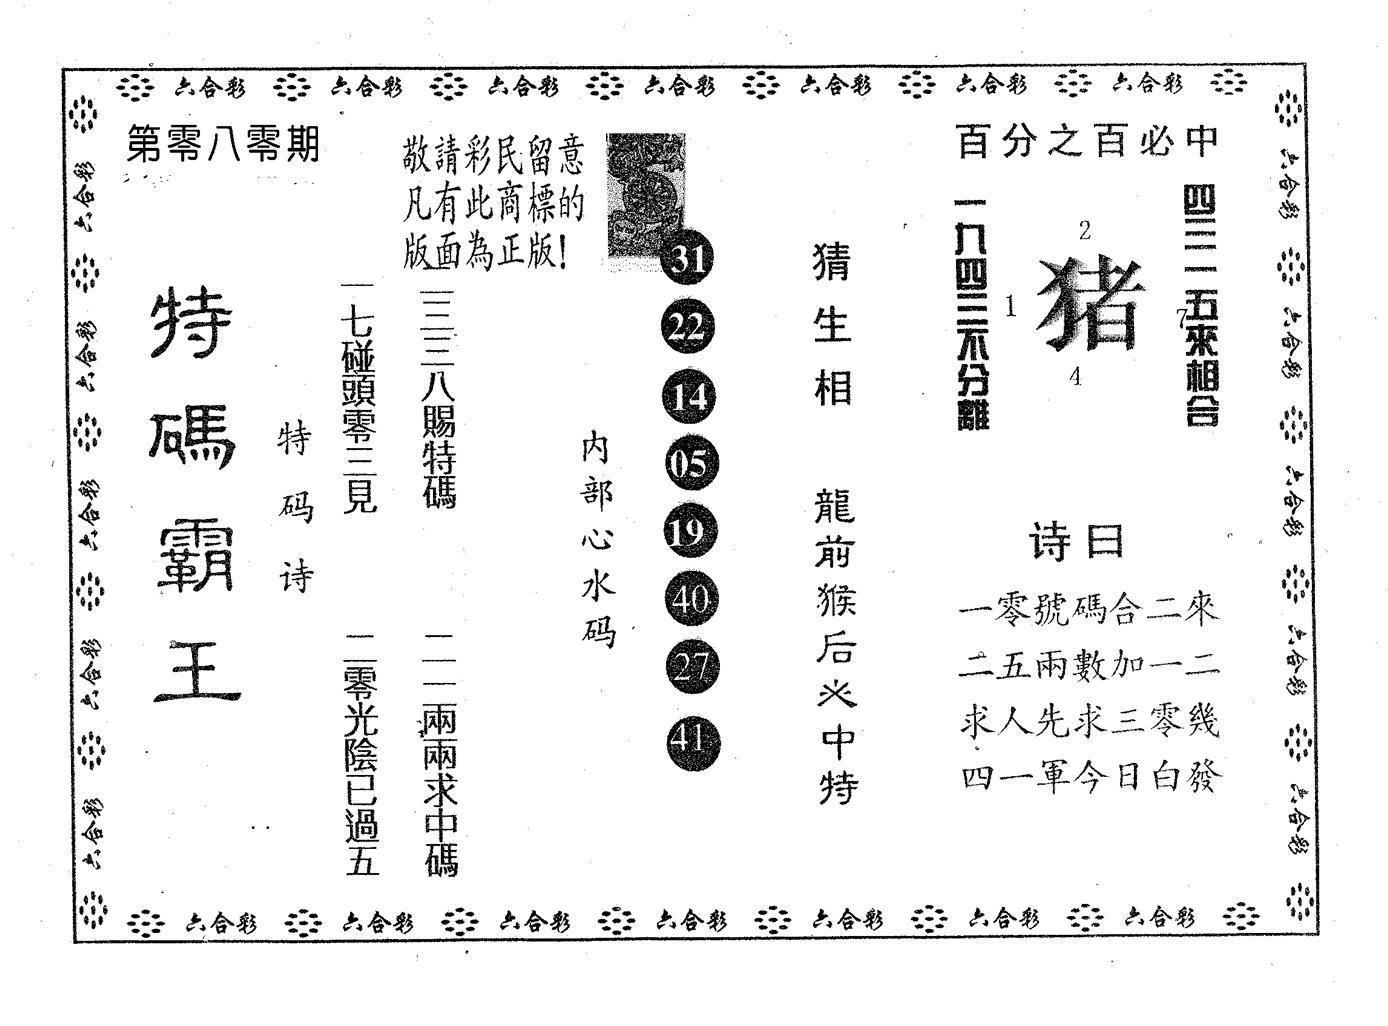 080期特码霸王A(黑白)